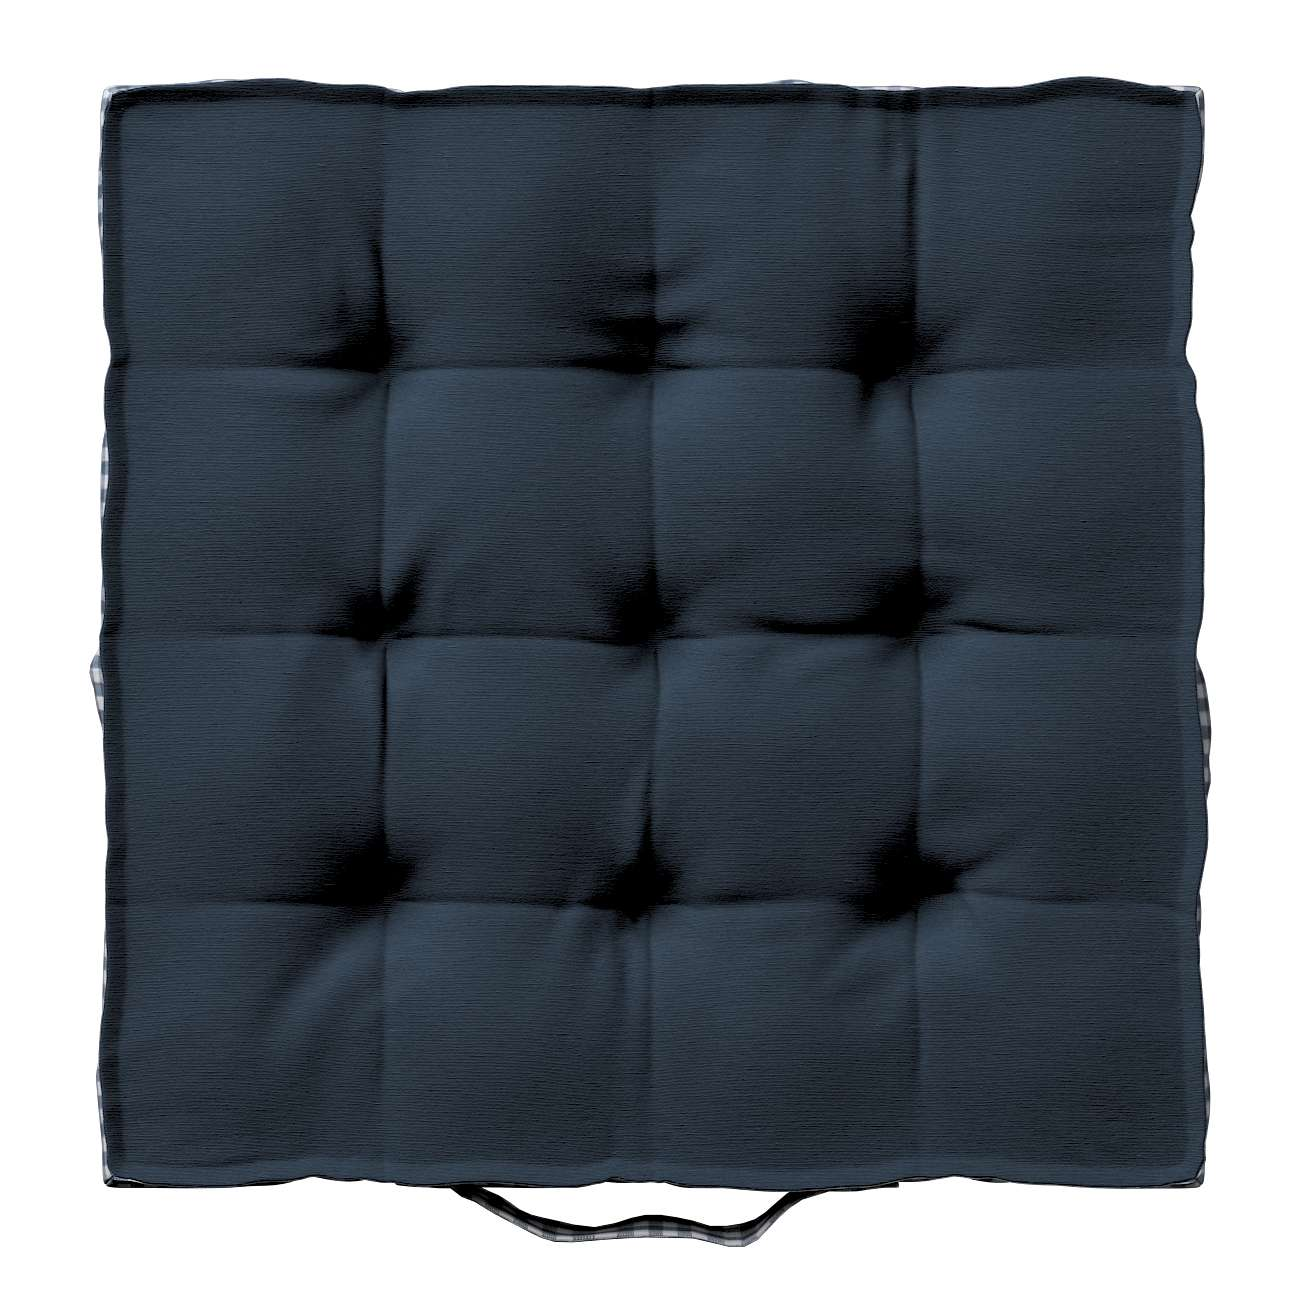 Siedzisko Kuba na krzesło 40x40x6cm w kolekcji Quadro, tkanina: 136-04